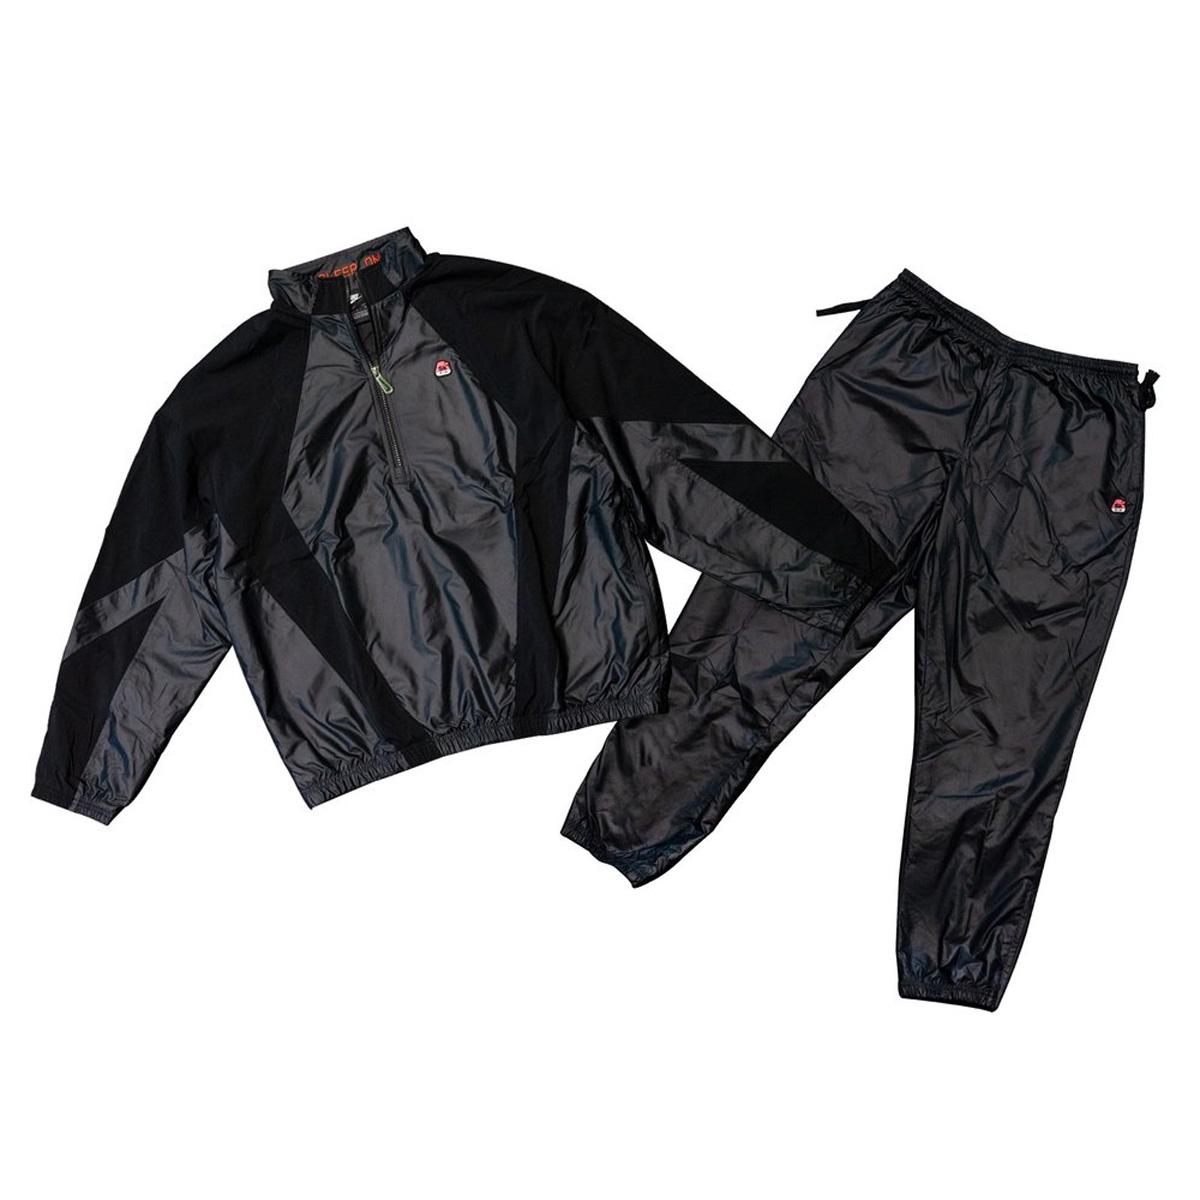 brand new 4c751 baaa2 NIKE x SKEPTA NRG TRACKSUIT Nike x スケプタ NRG track suit BLACK av9997-010 ...